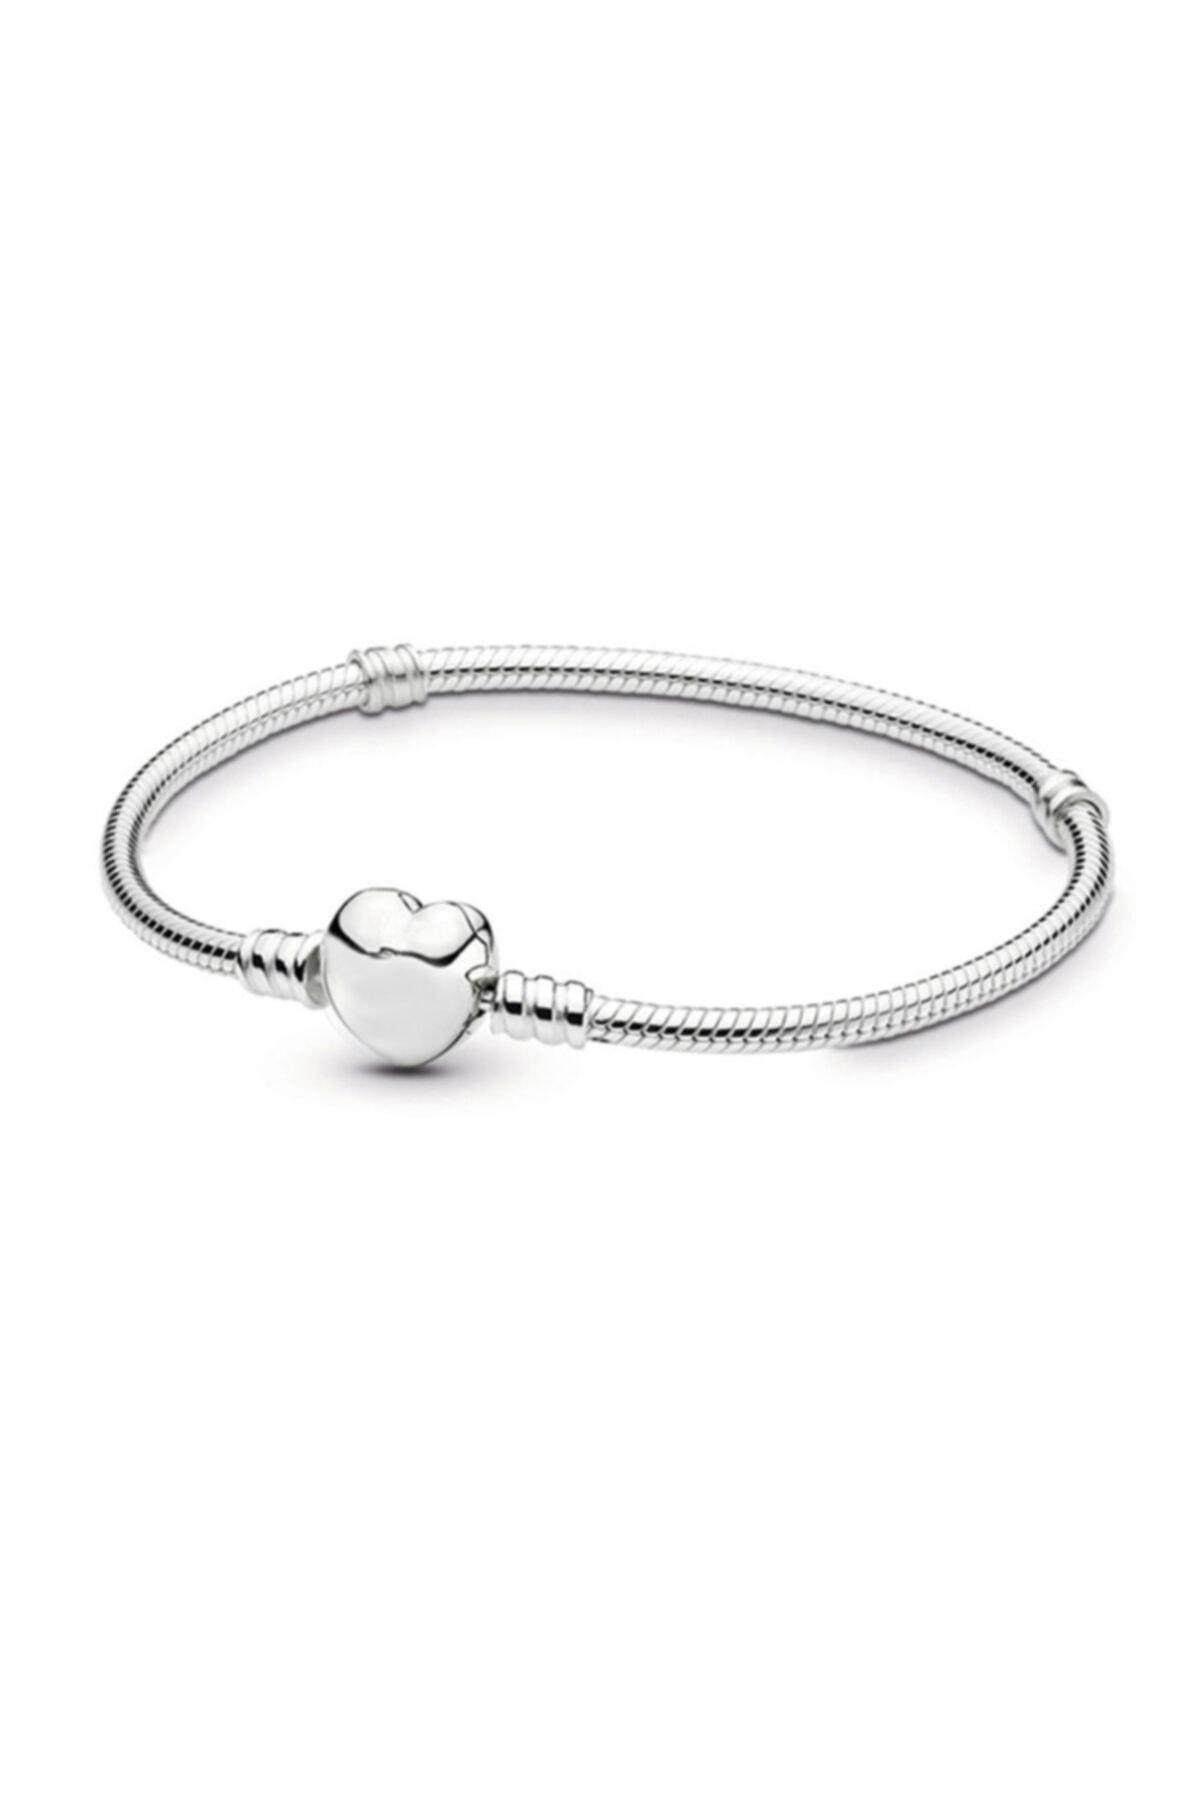 Chavin Pandora Tarzı Gümüş Kaplama Kalp Bileklik Eh01by 1